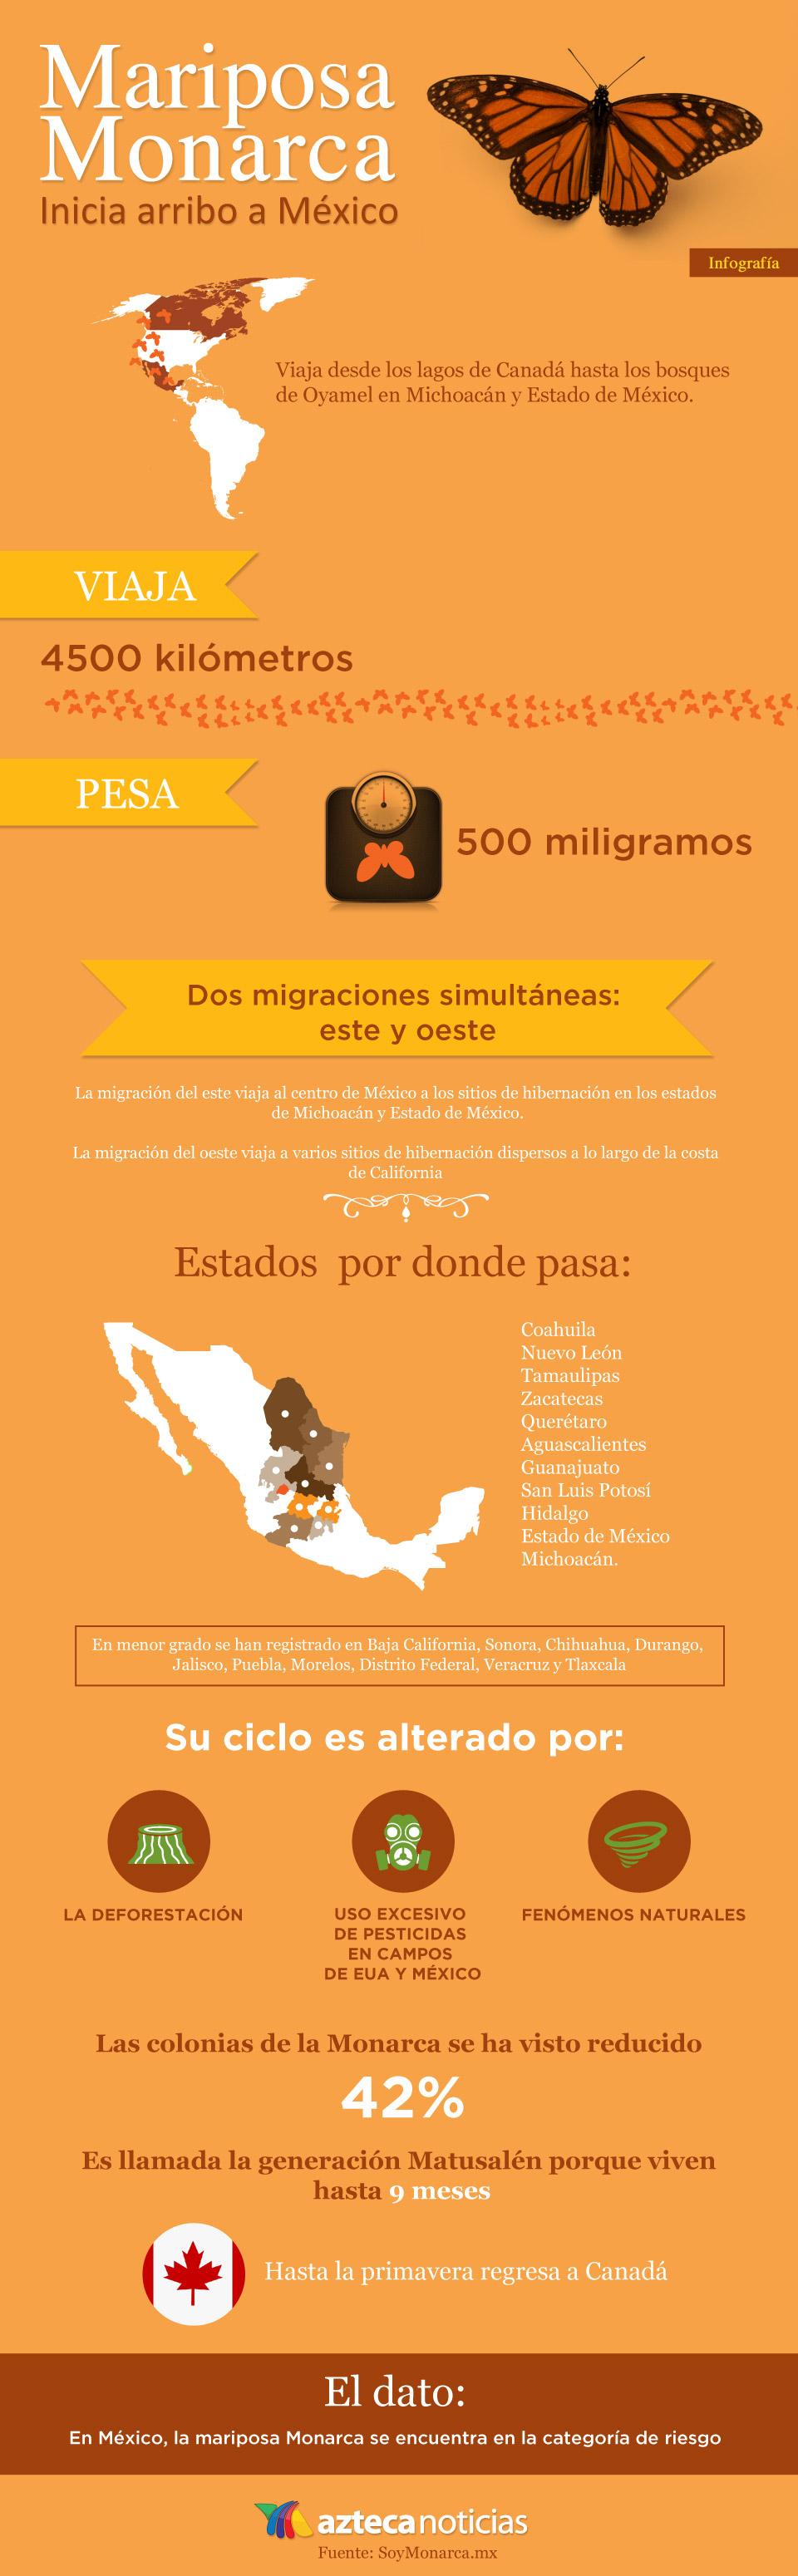 Mariposa monarca - Infografia - www | Pinterest | Mariposa monarca ...